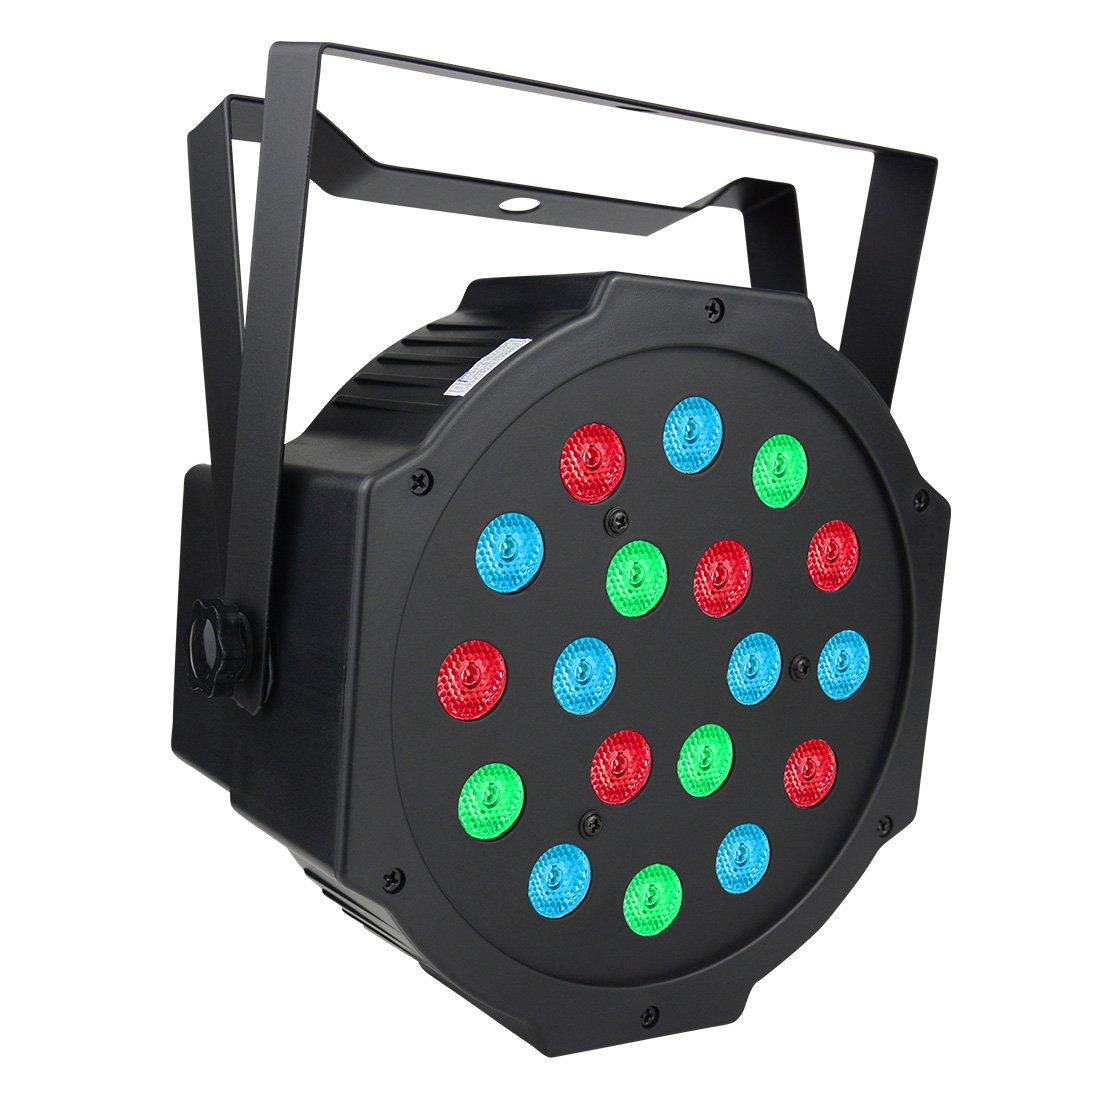 BETOPPER Par Lights 18 LED RGB 24W Par Stage Lights by DMX512 Music-activated(Sound Activated) for Wedding Show Club Bar Decoration LP005-par-fba